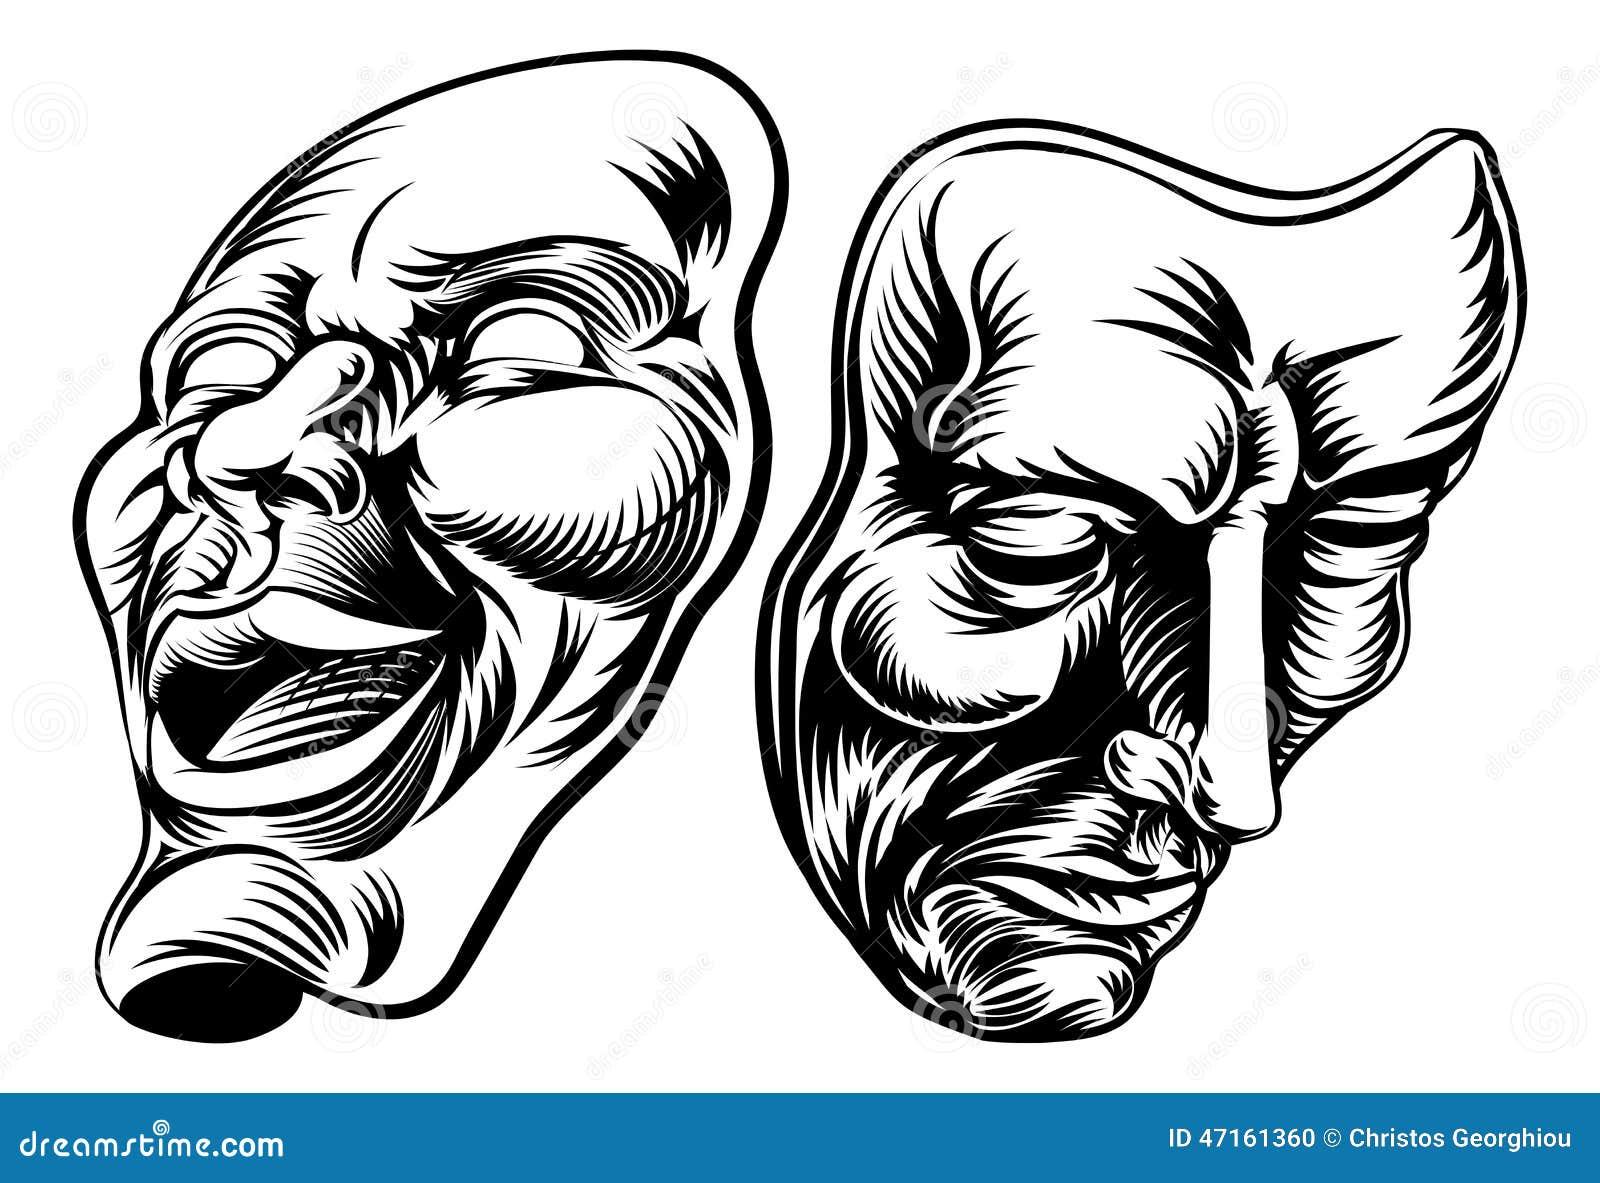 Come togliere posti da una faccia in età goffa